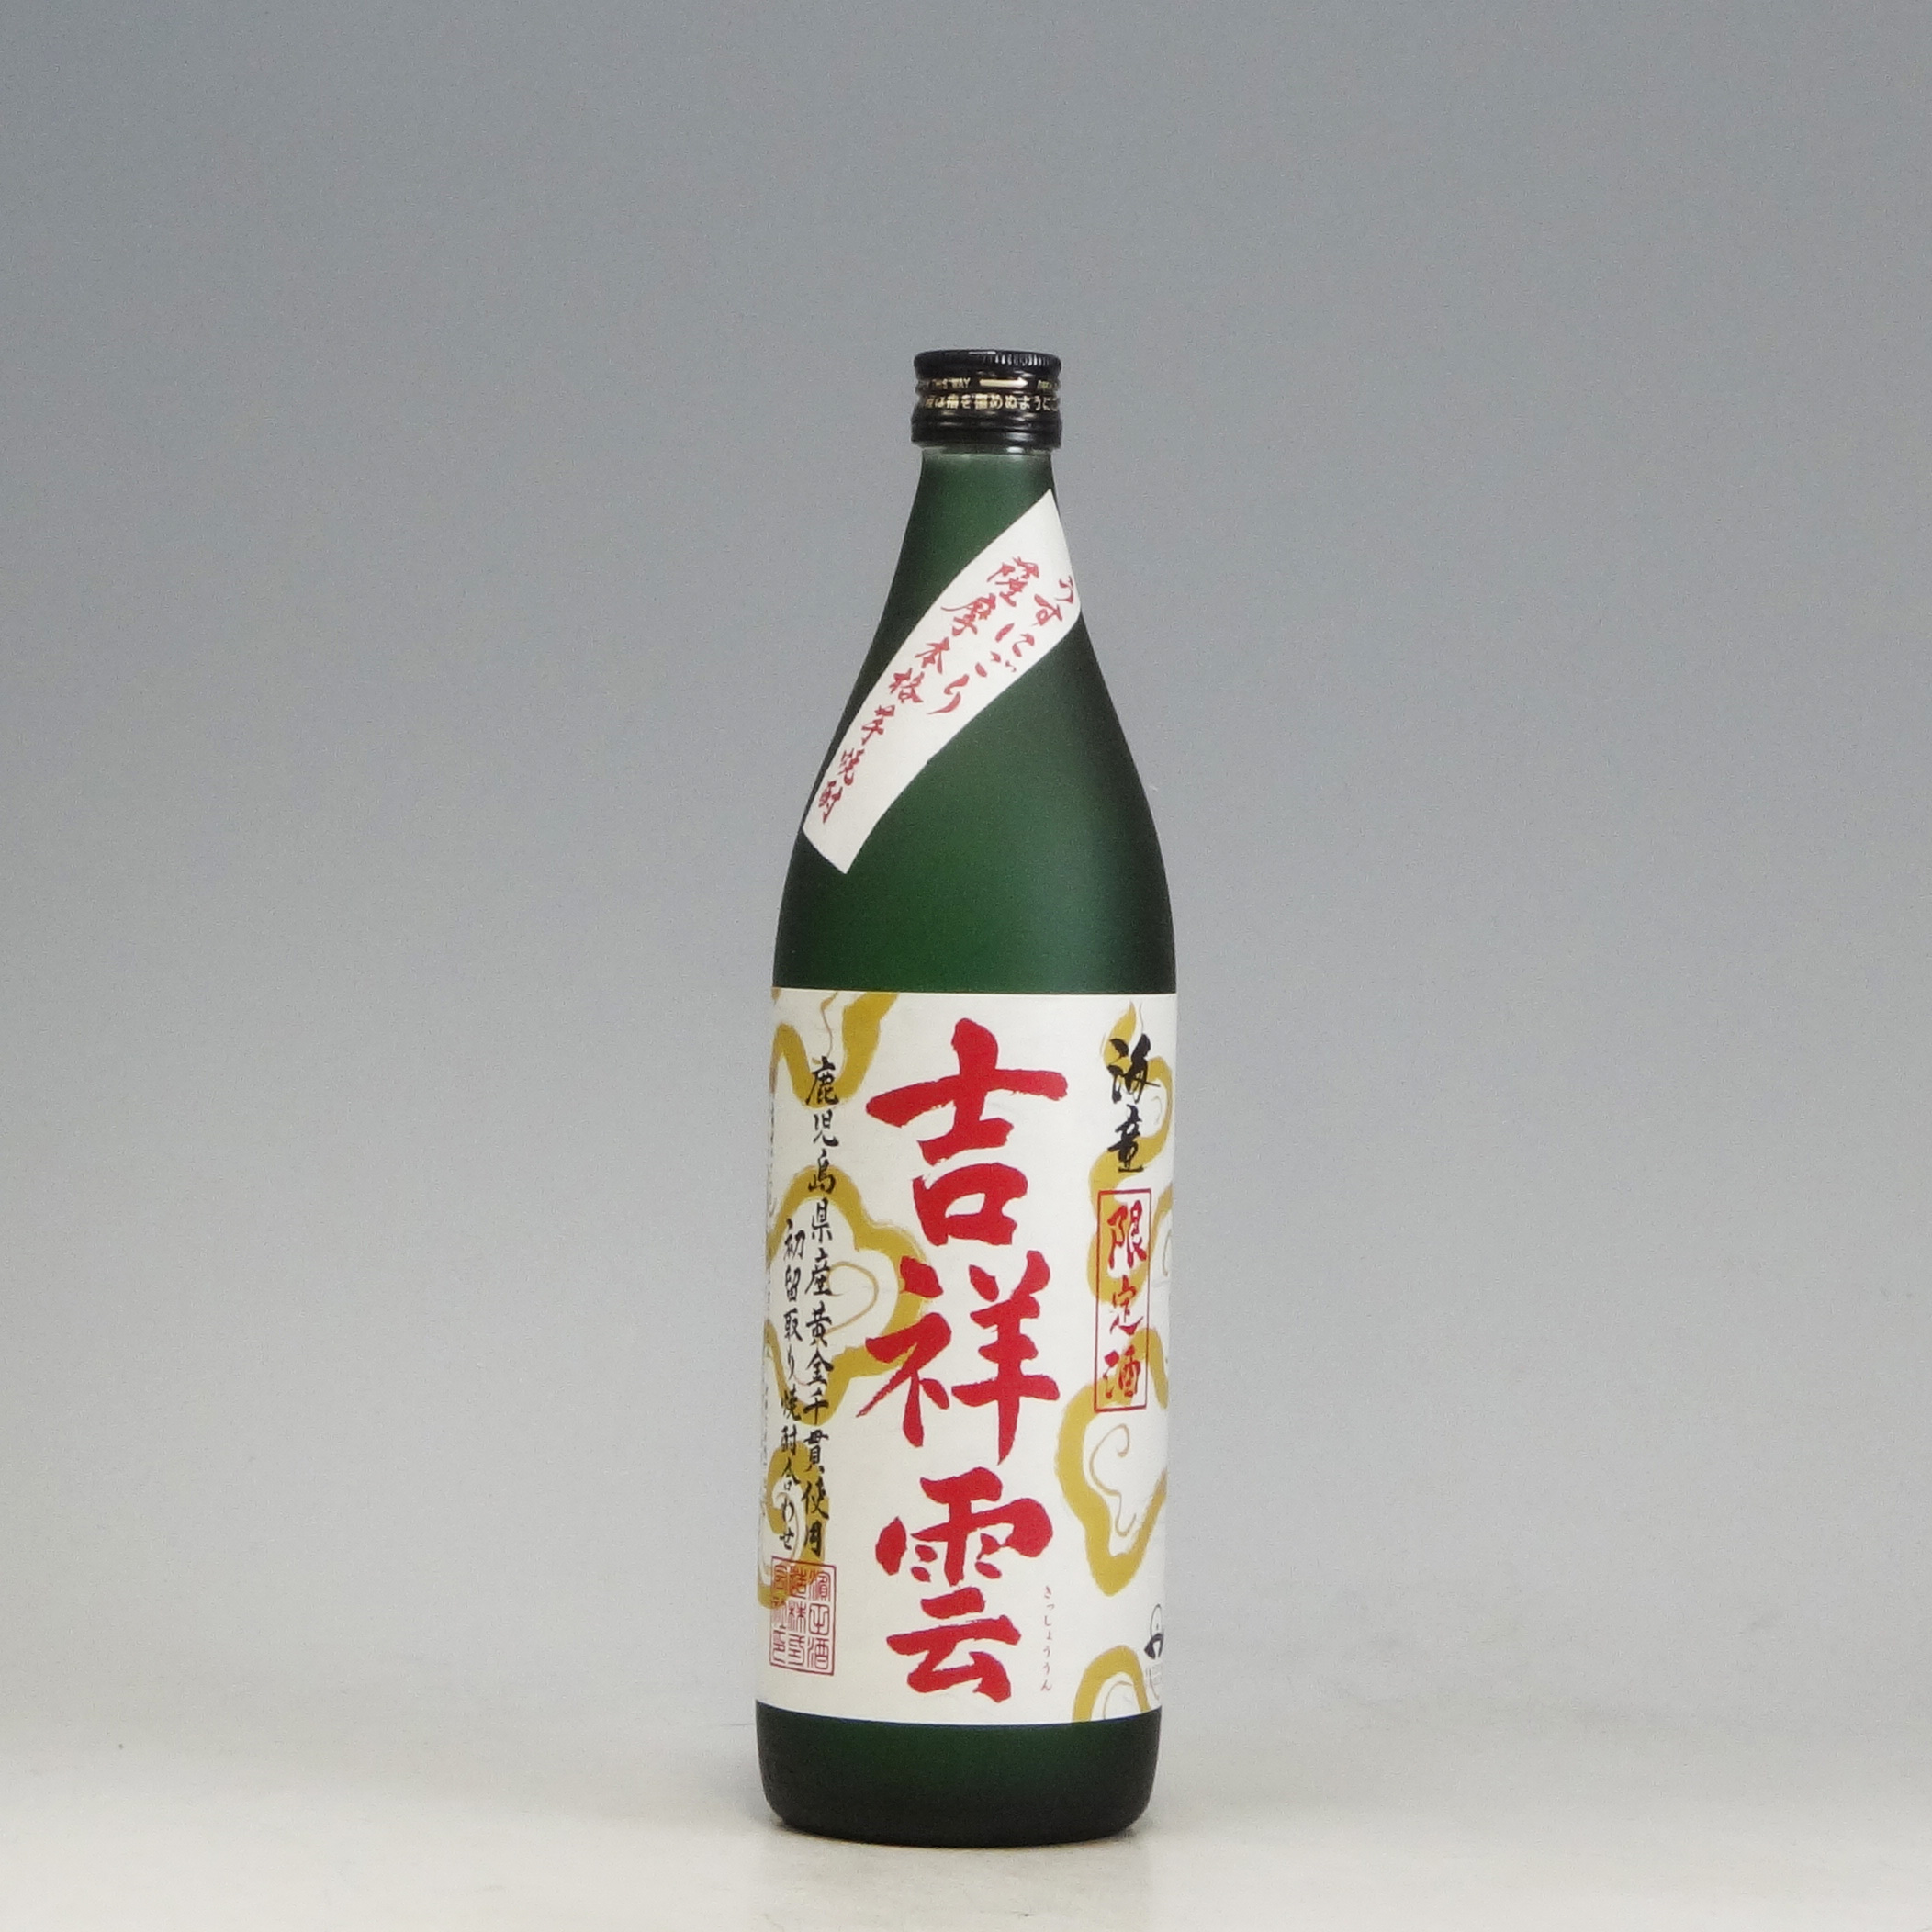 海童 吉祥雲 芋焼酎 30° 瓶  900ml  [77288]